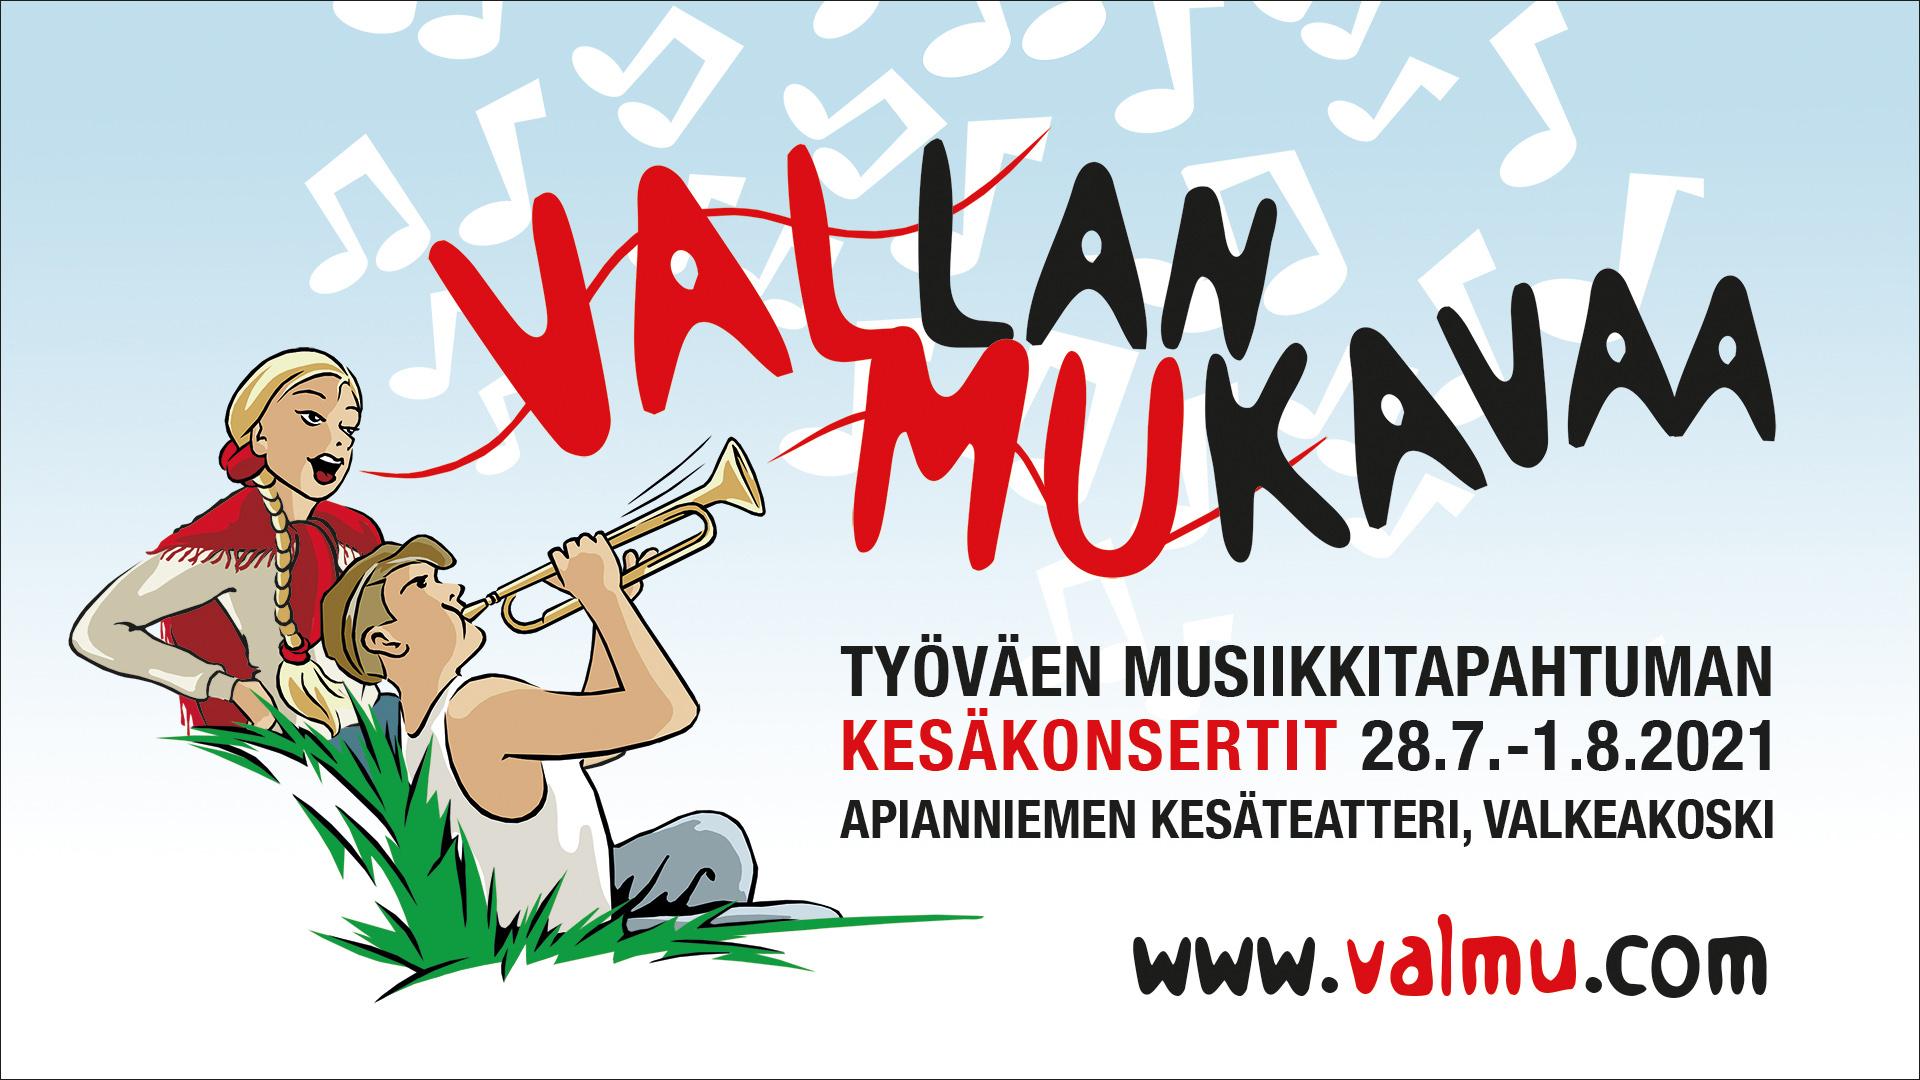 Työväen musiikkitapahtuman kesäkonsertit 2021 korvaavat perinteisen  festivaalin | AKT